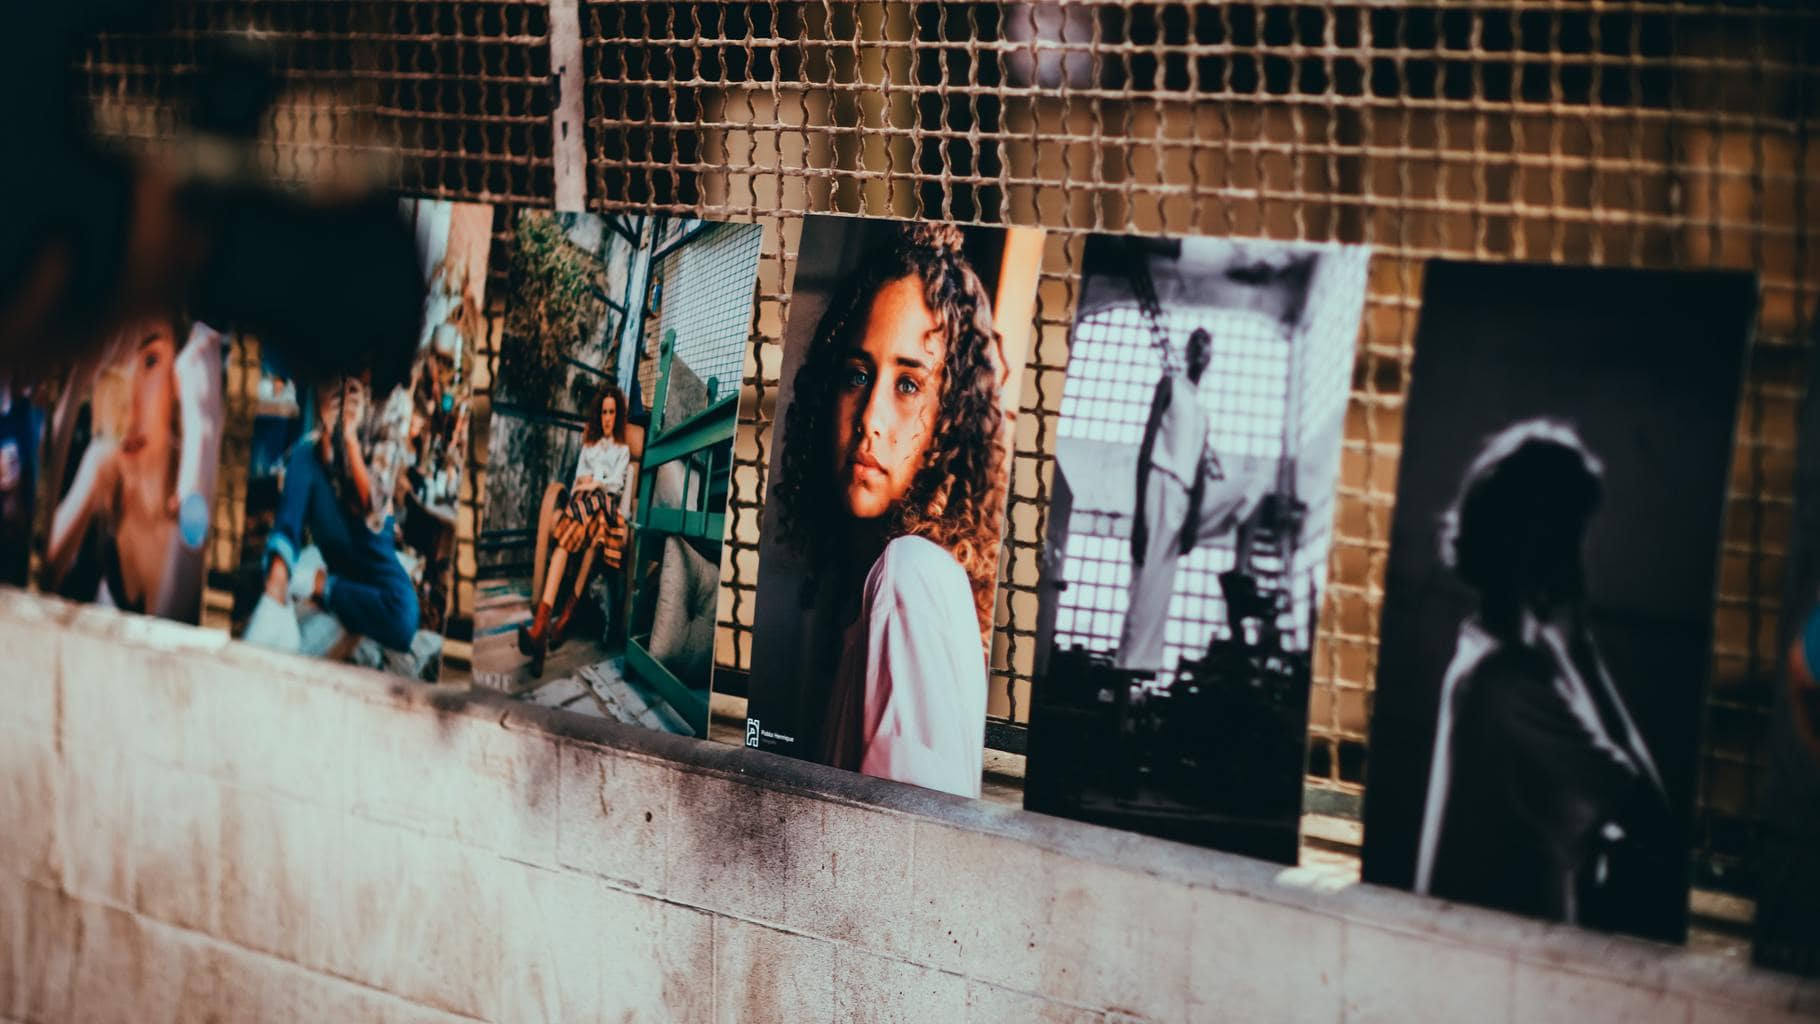 fotos impresas expuestas en la calle